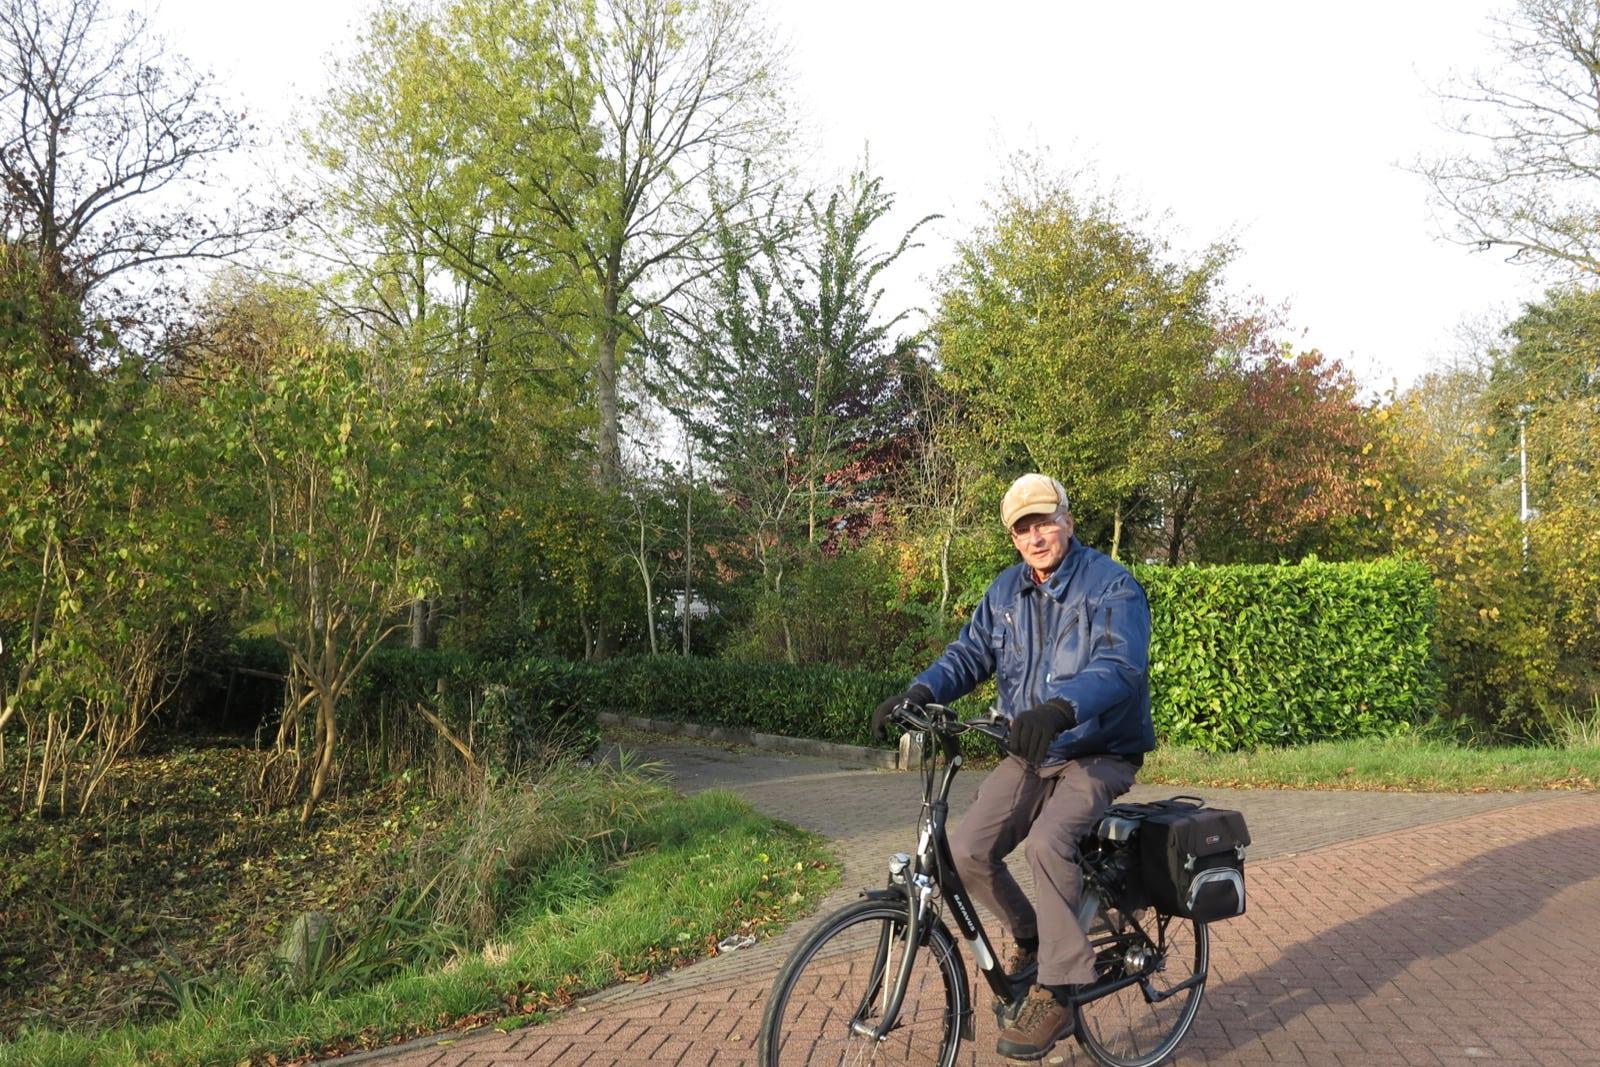 et-fiets-en-fietser-104-sybolt-oudman-oi.jpg